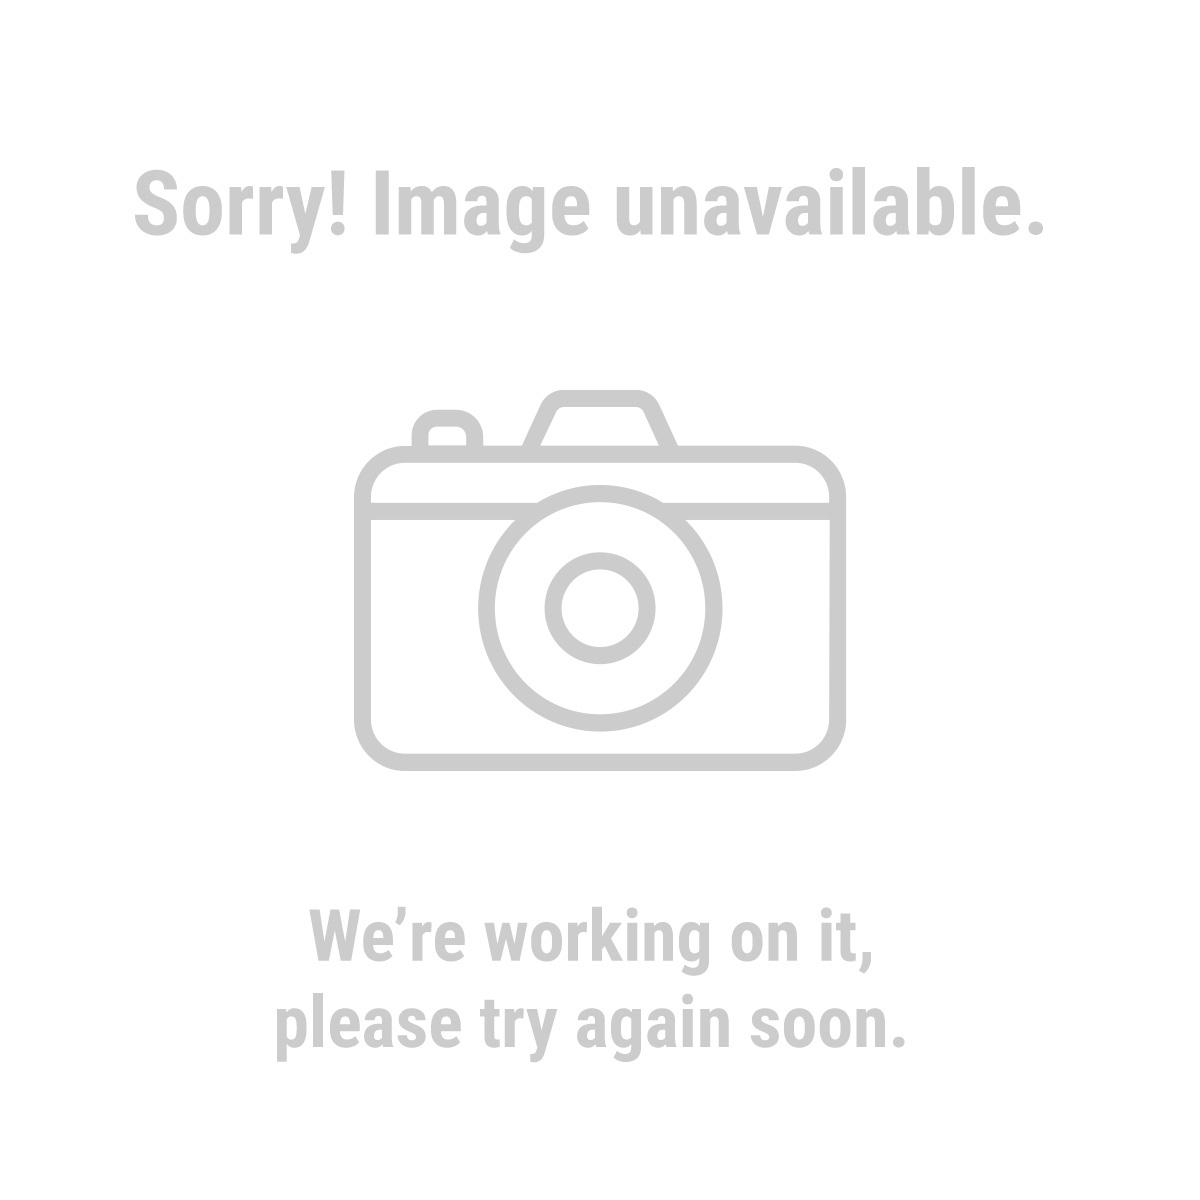 """Warrior® 60750 5 Piece 2"""" 100 Grit Twist-Lock Abrasive Discs"""